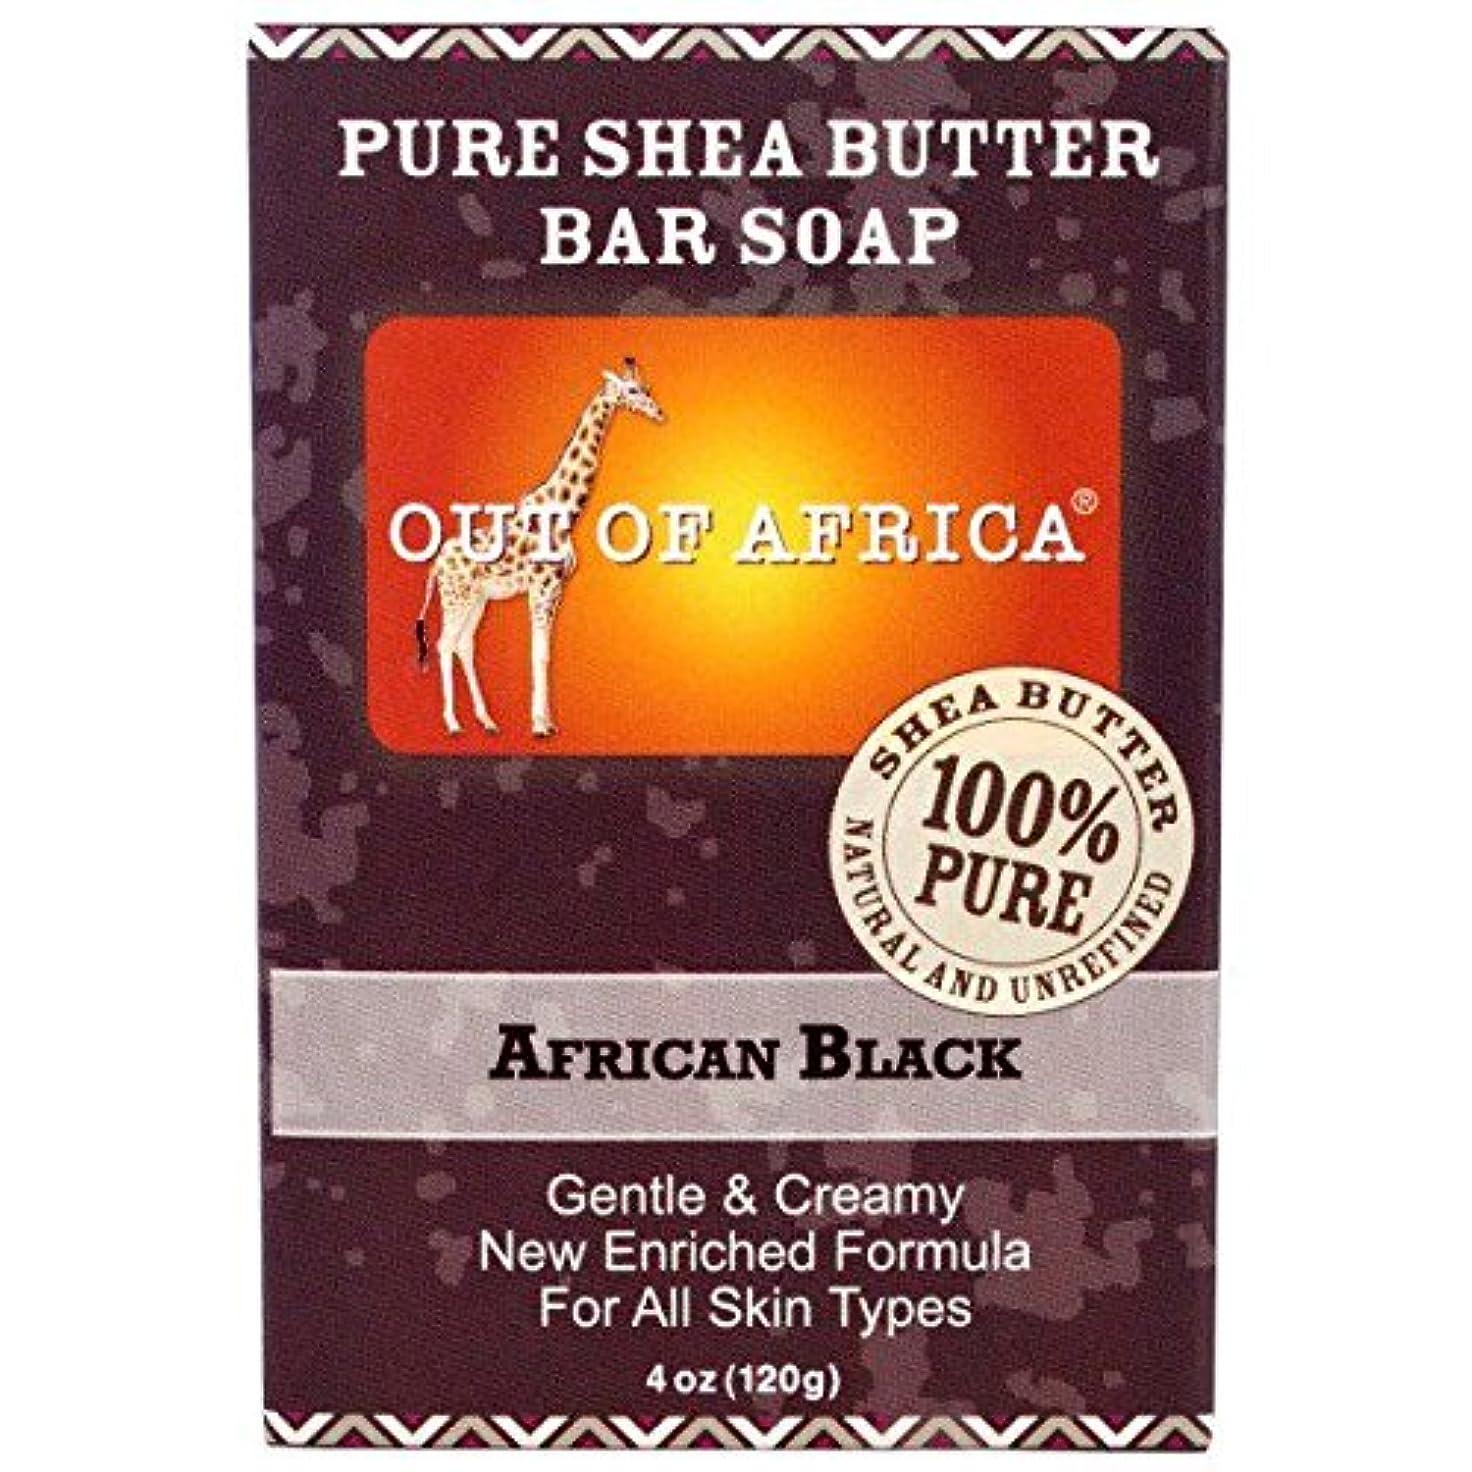 ファンネルウェブスパイダー接尾辞ホバート【海外直送品】【2個セット】Out of Africa - Pure Shea Butter Bar Soap, African Black, 4 oz (120 g)